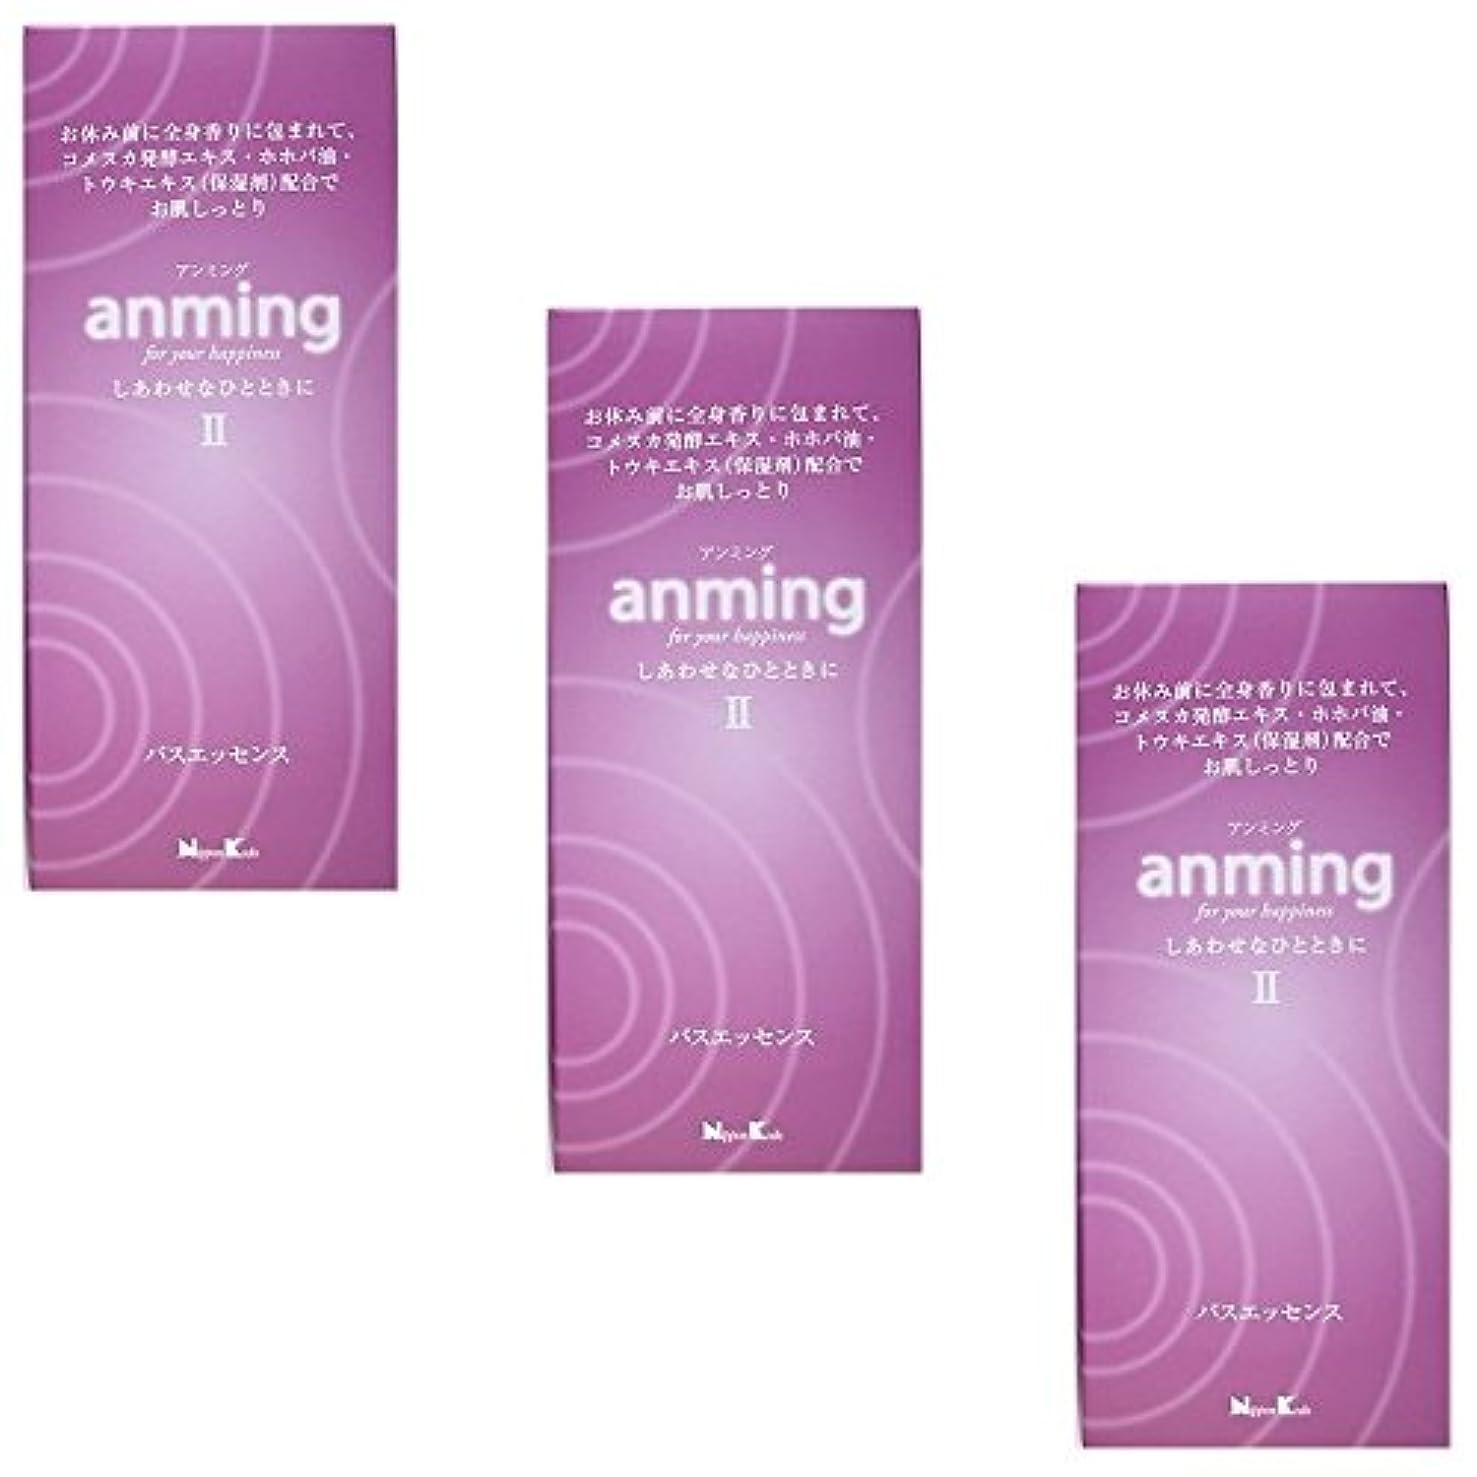 刺すクリック太鼓腹【まとめ買い】anming2(アンミング2) バスエッセンス 480ml ×3個